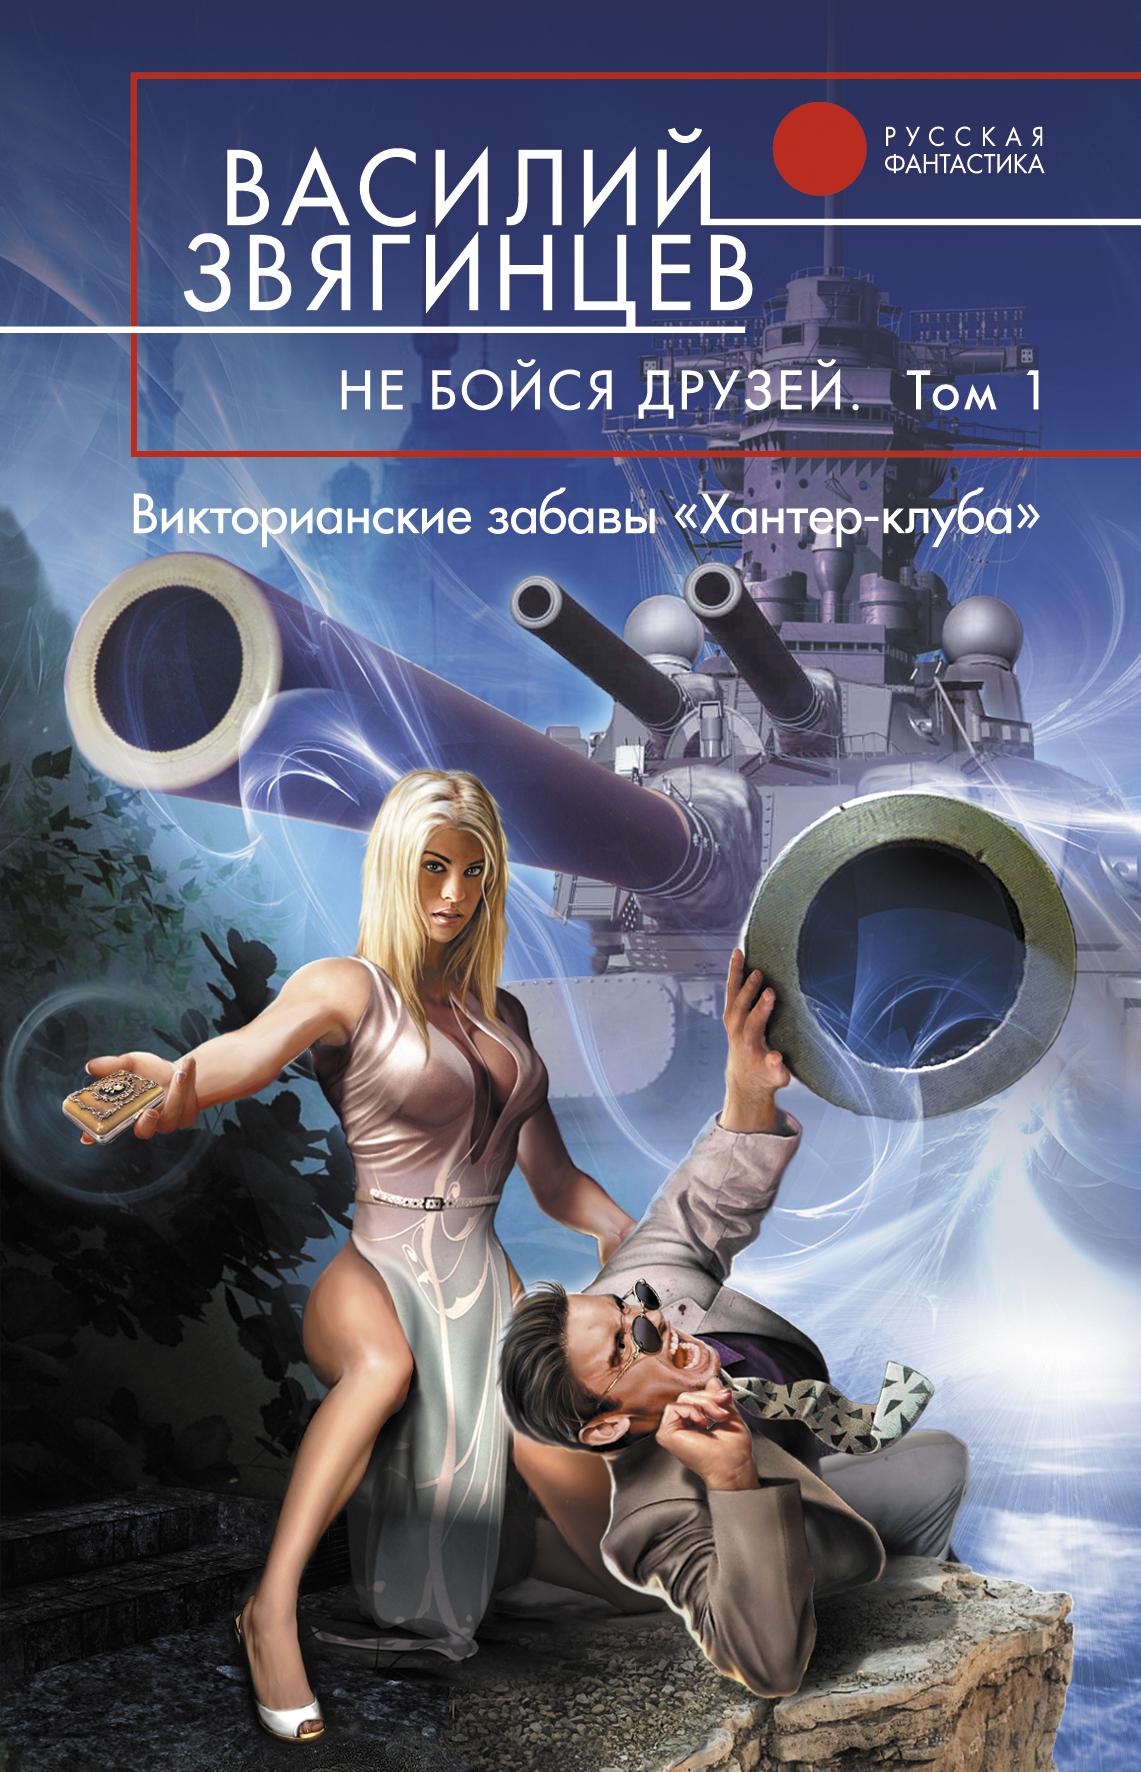 Не бойся друзей. Том первый. Викторианские забавы «Хантер-клуба» от book24.ru